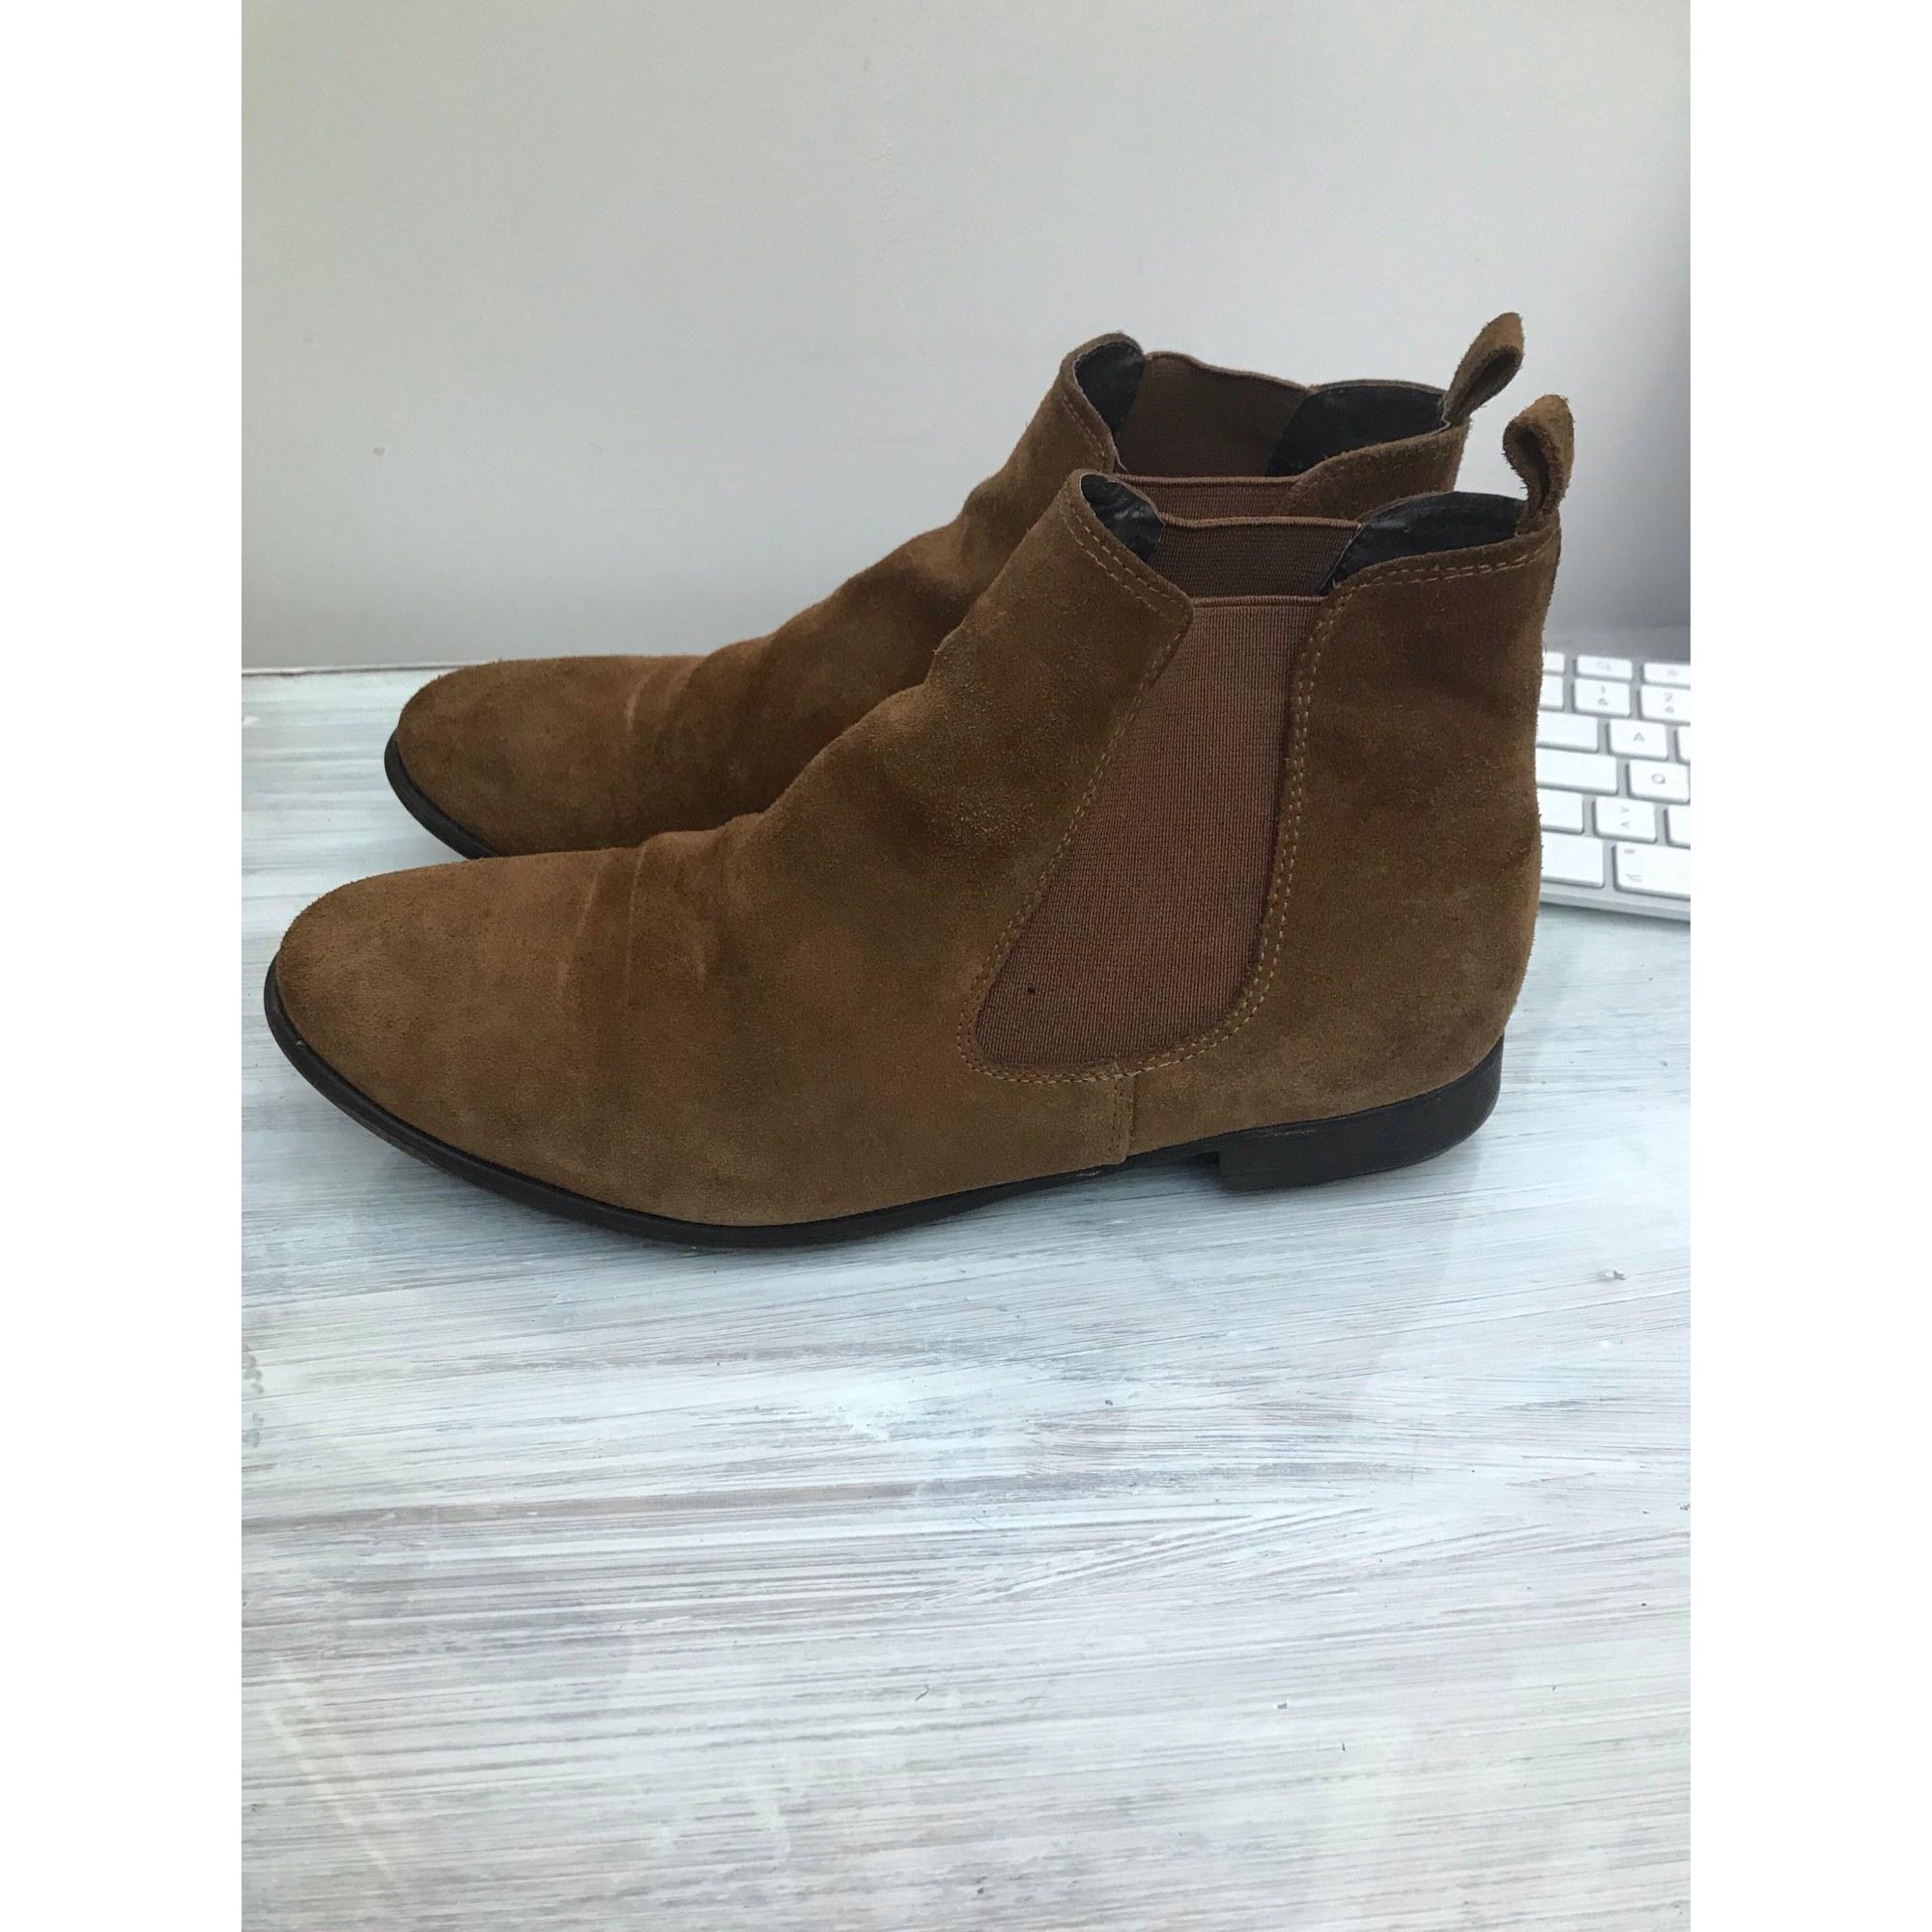 Bottines & low boots plates LA HALLE AUX CHAUSSURES Beige, camel